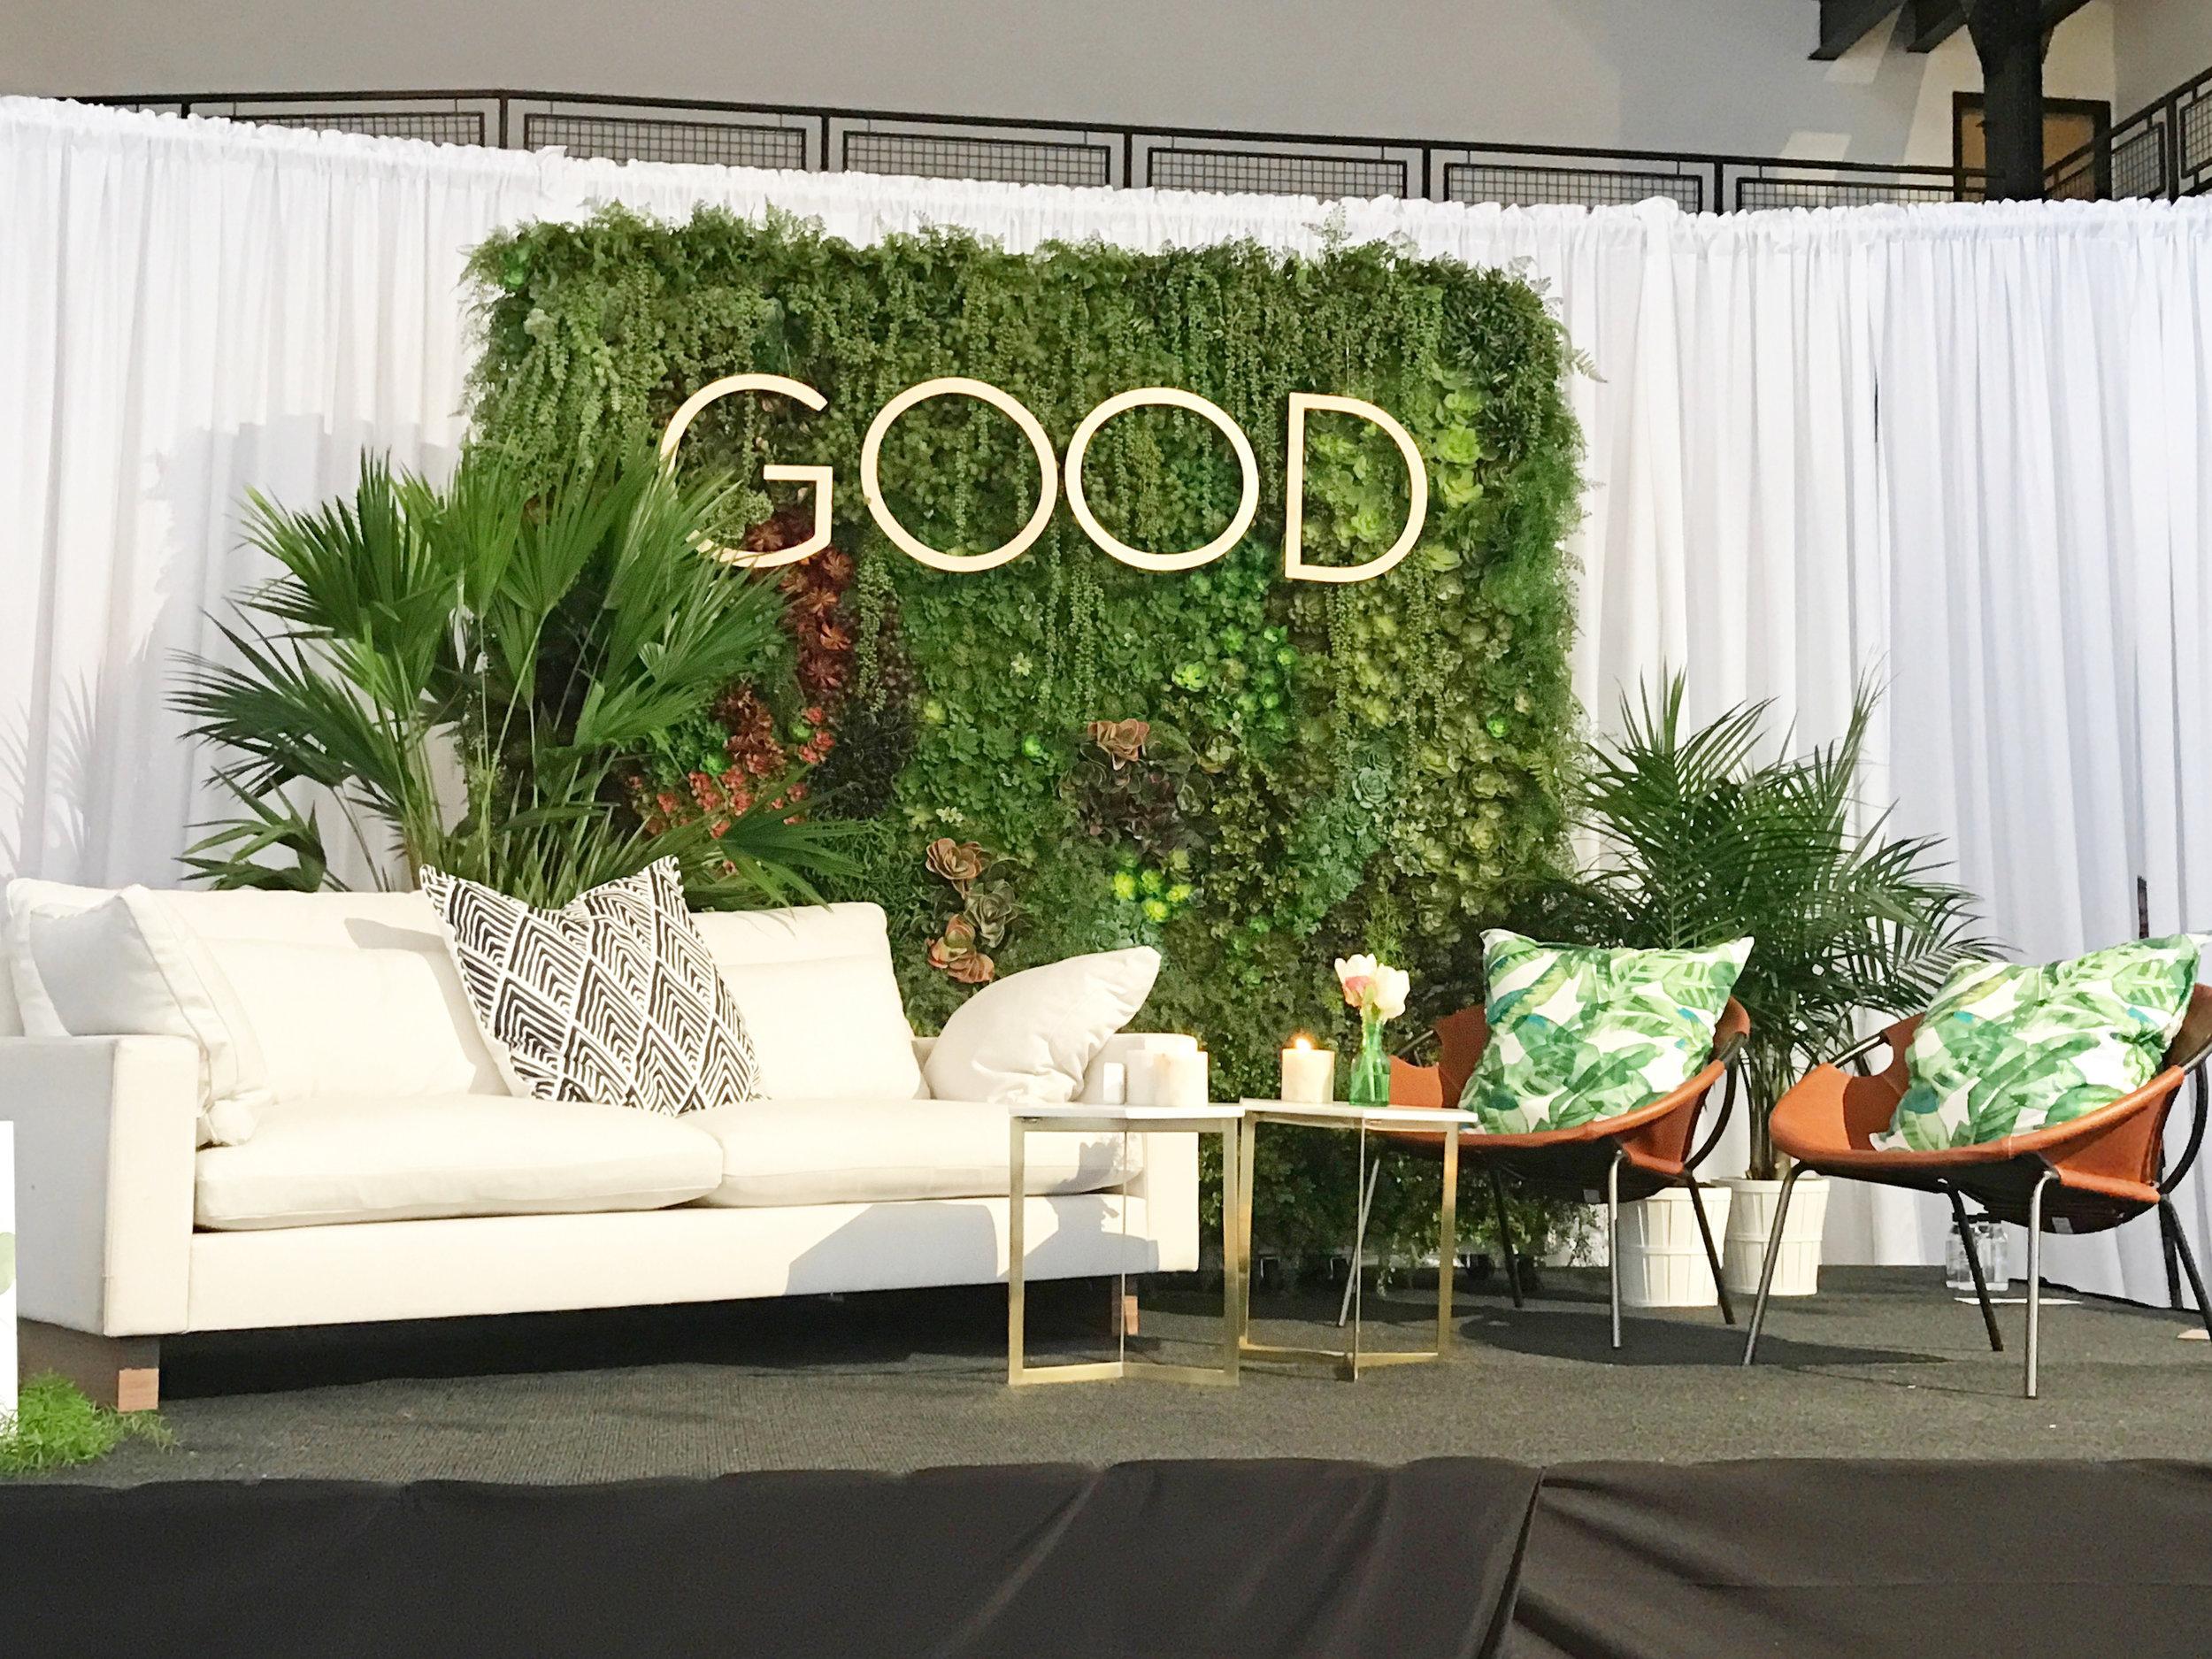 Good Festival Stage | Why I Think You Should Go To A Wellness Festival | BySarahRae.com